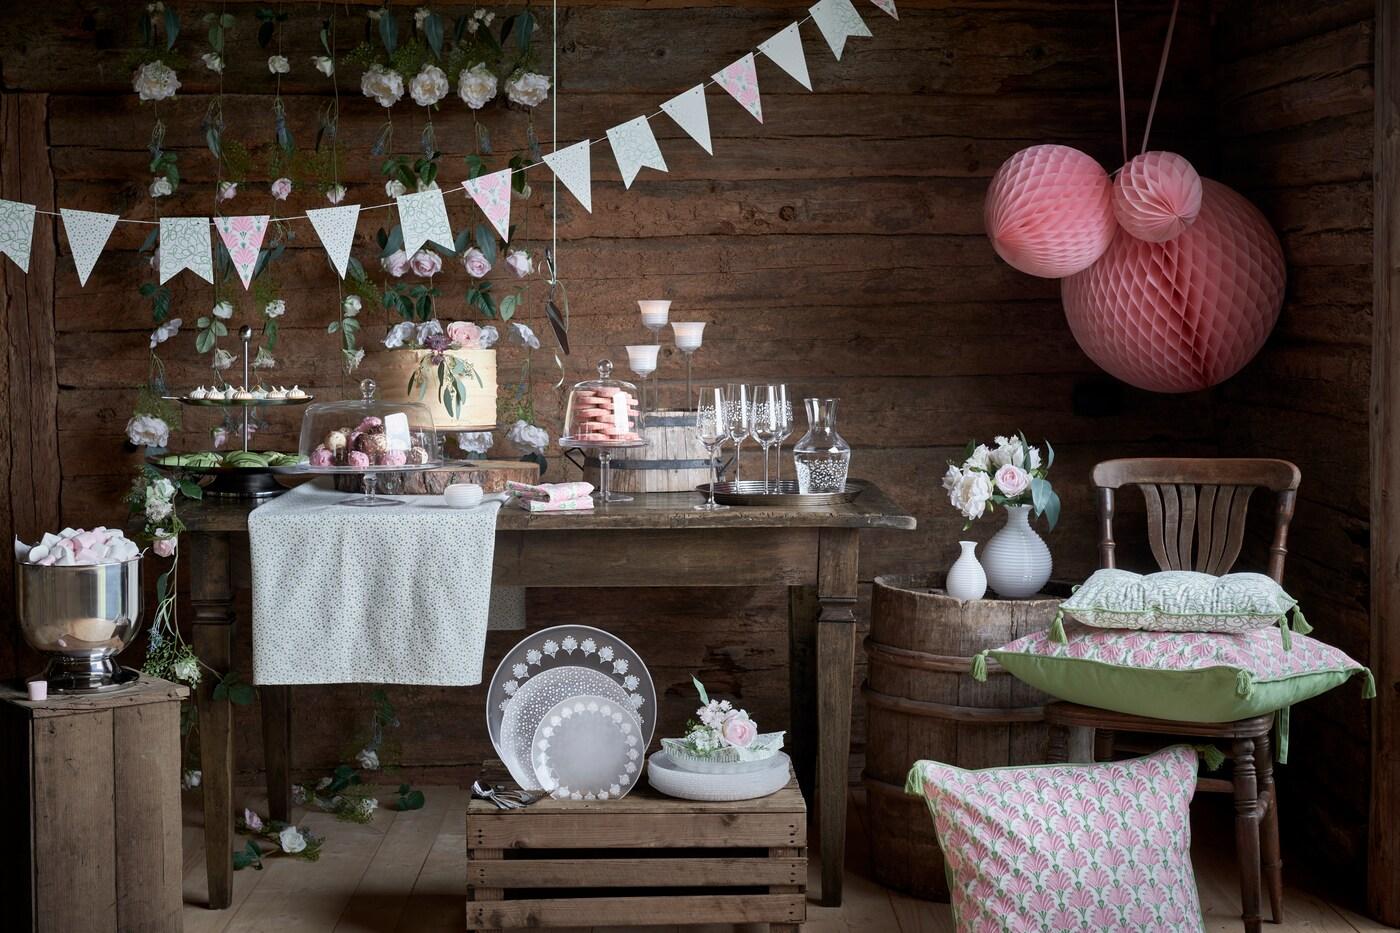 I en lada har ett bord dukats för fest med glas, porslin och dekorationer från INBJUDEN festkollektion.